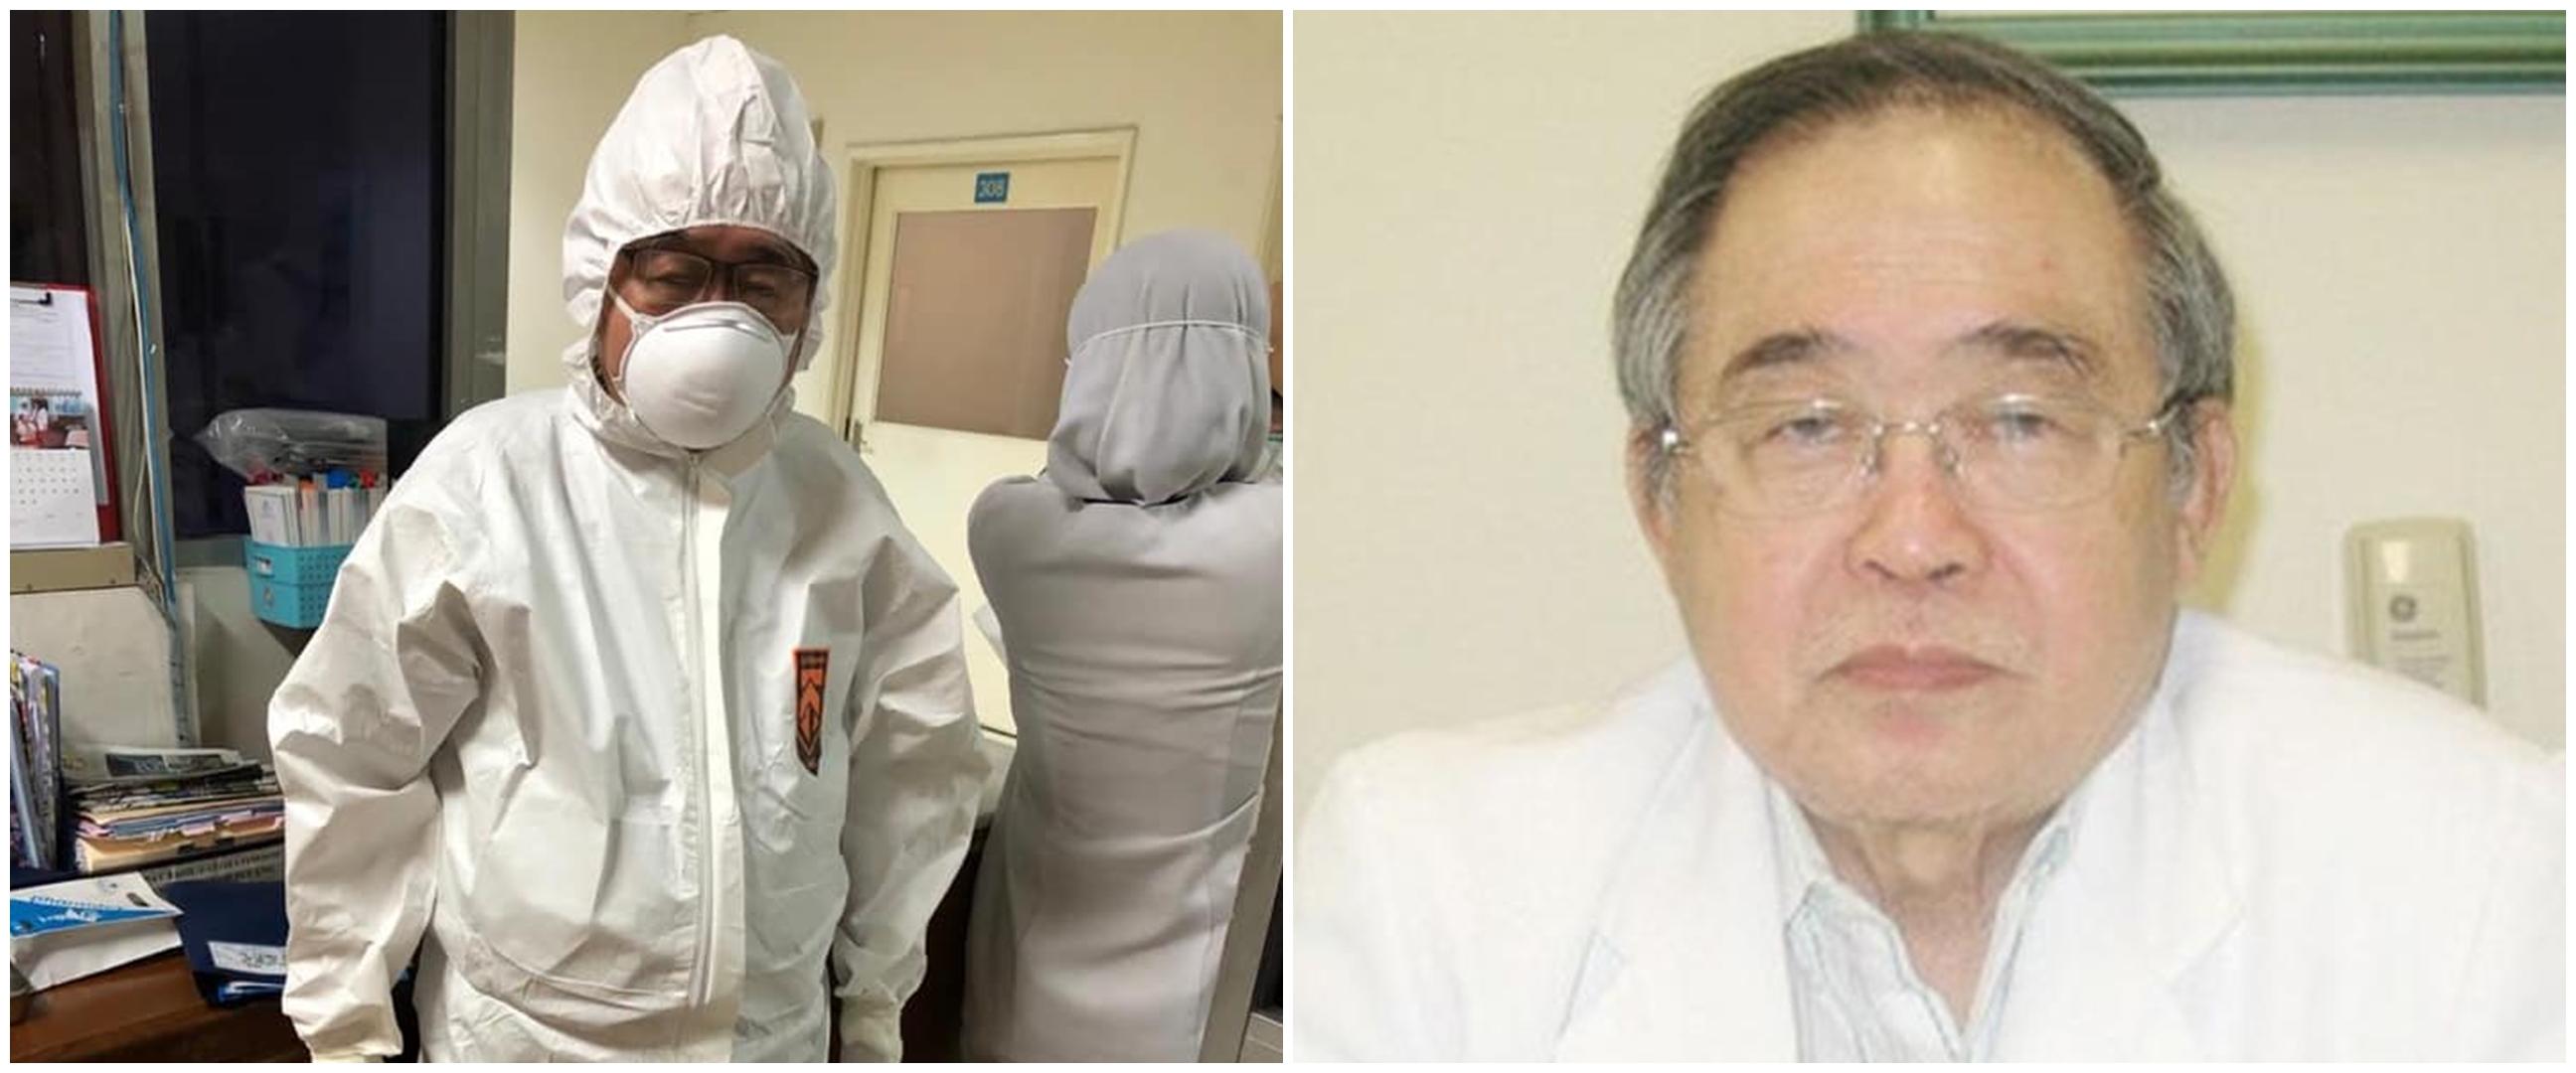 Viral kisah dokter Handoko Gunawan, usia 80 tahun rawat pasien Corona